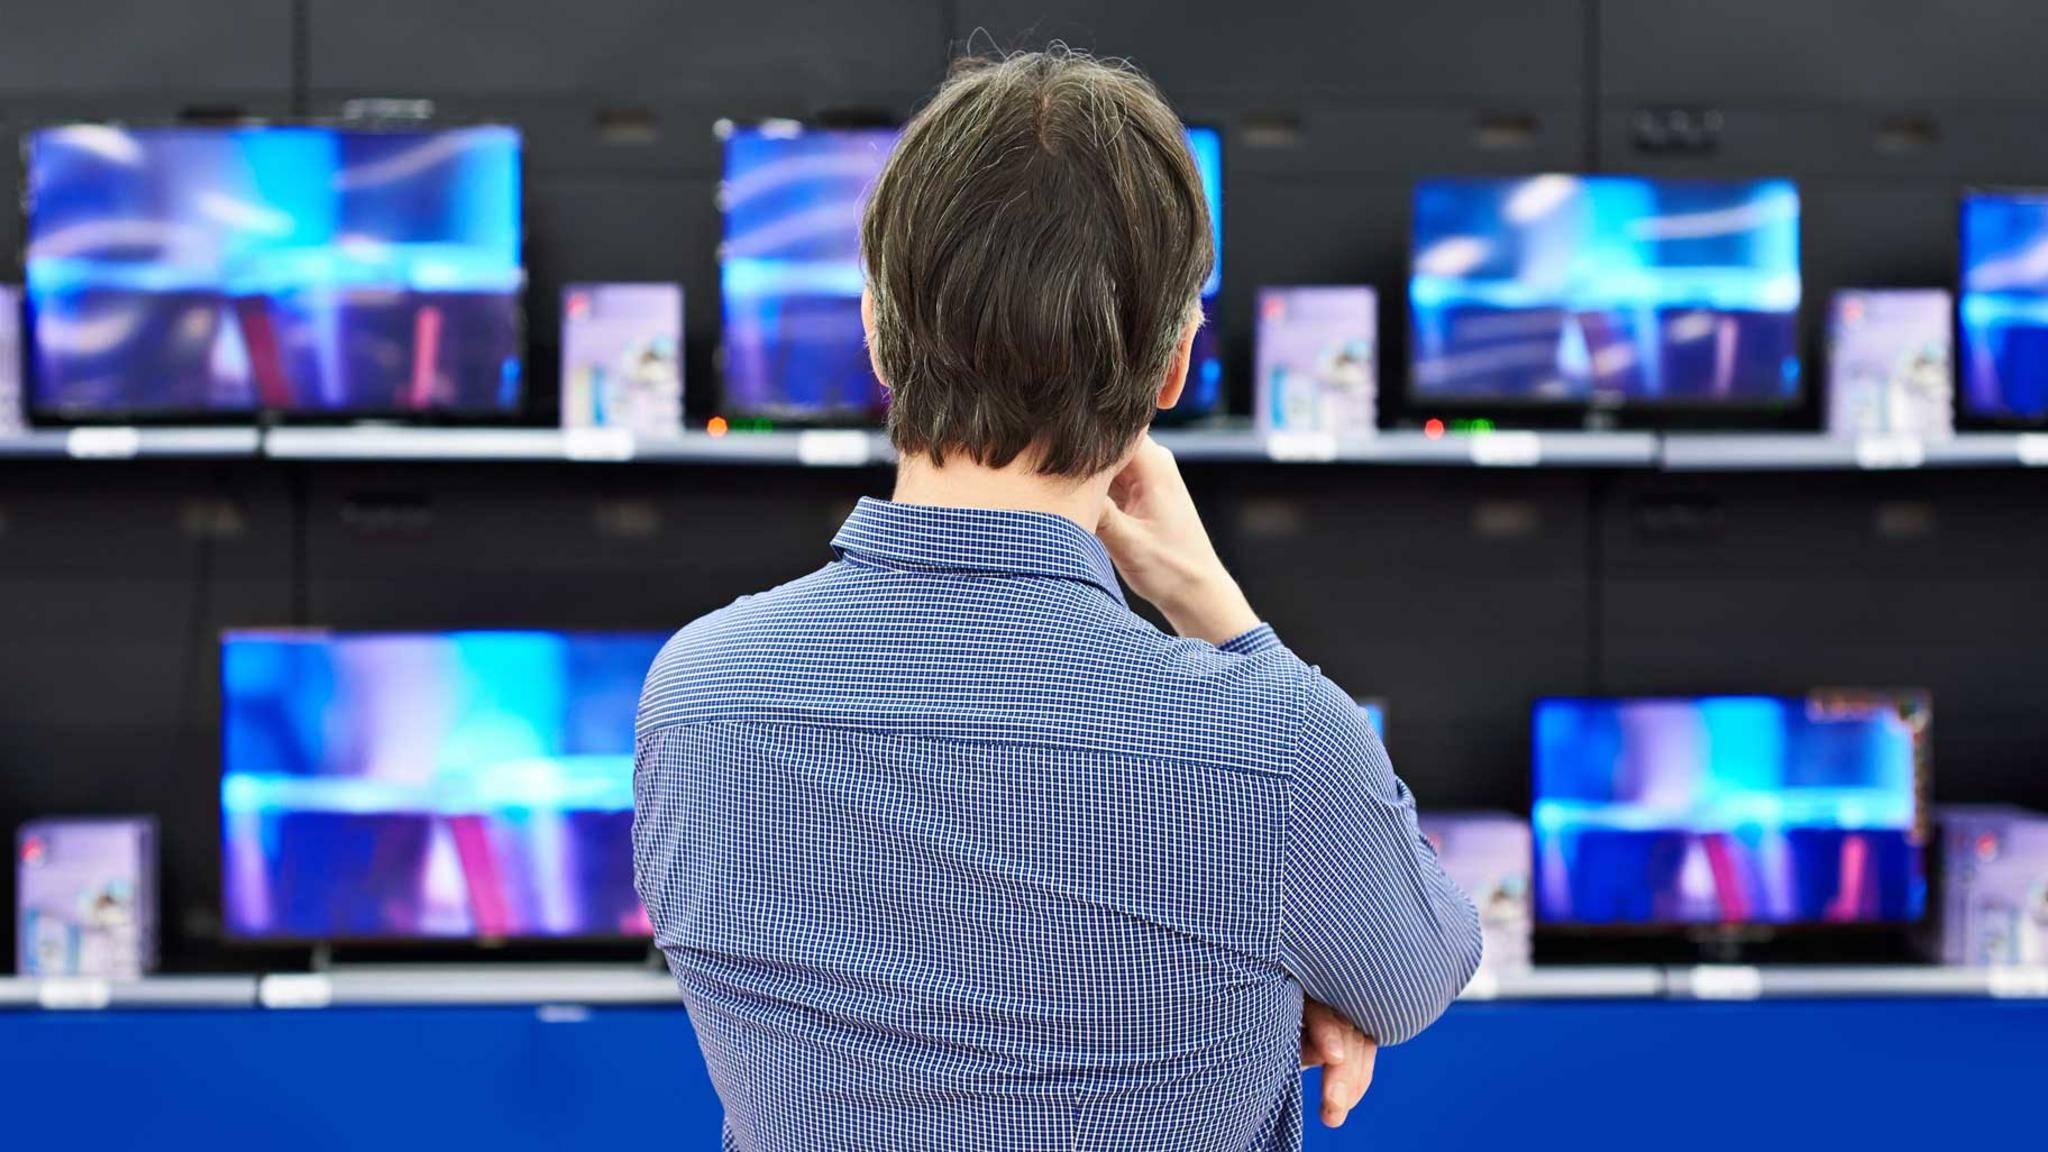 Sind 4K-UHD-HDR-Fernseher nur ein Marketing-Gag?